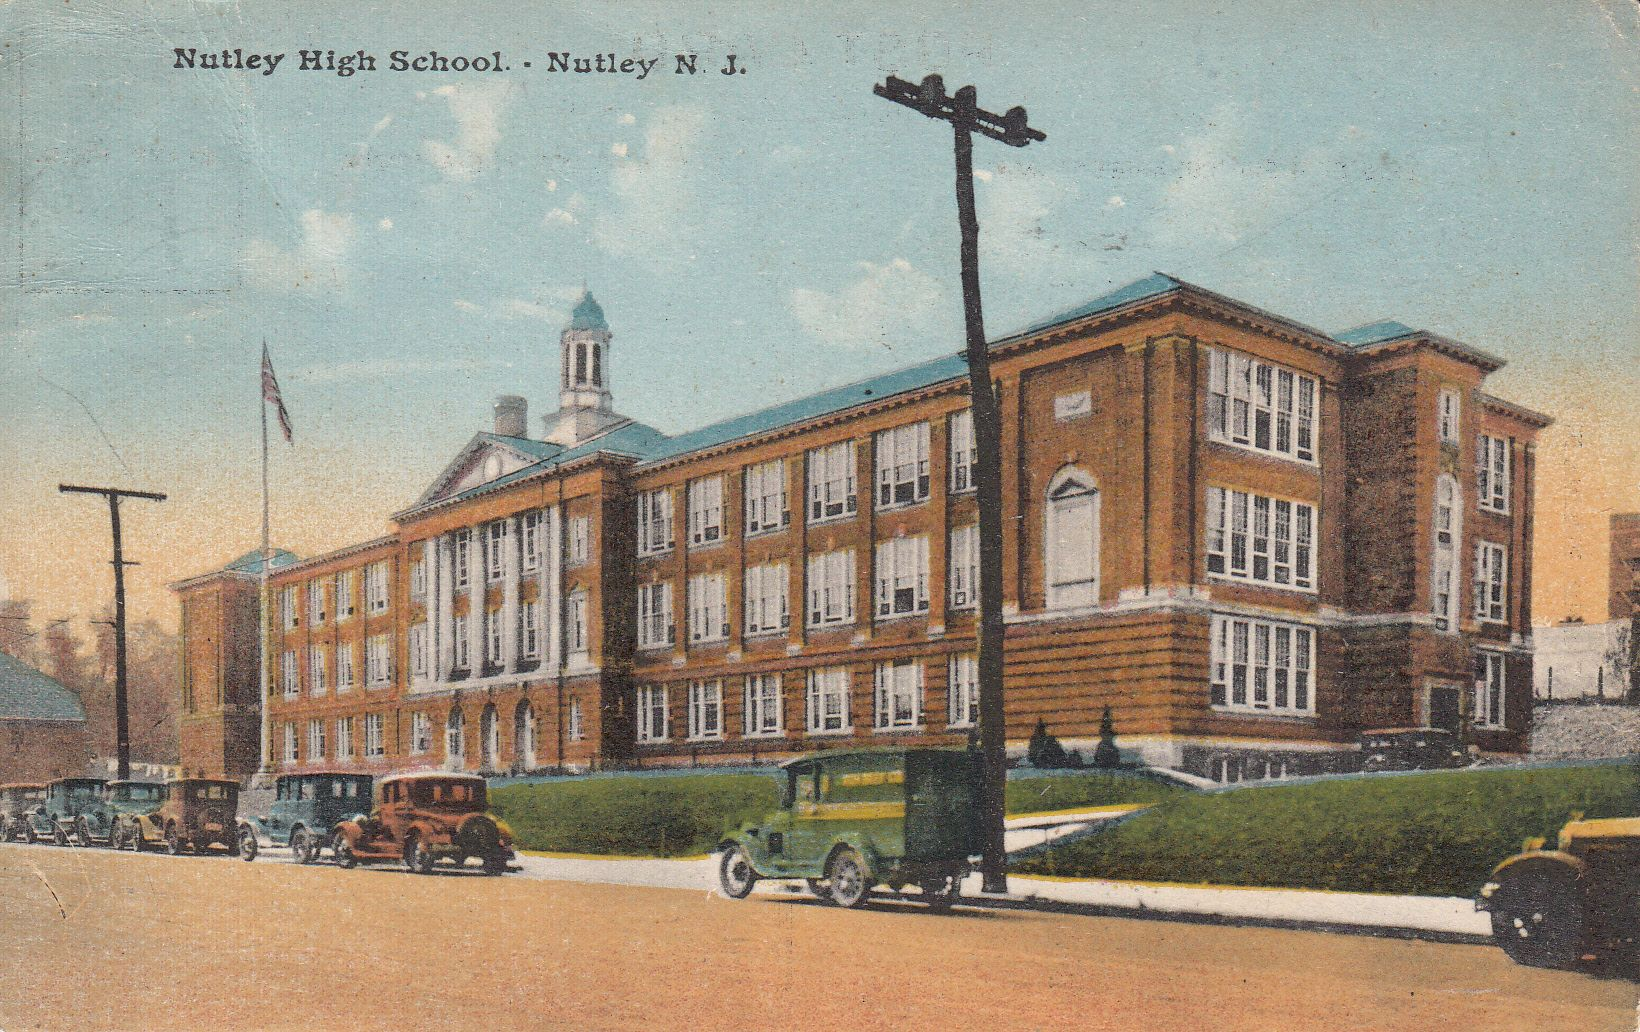 Nutley High School Real Estate Nj Real Estate School Nutley